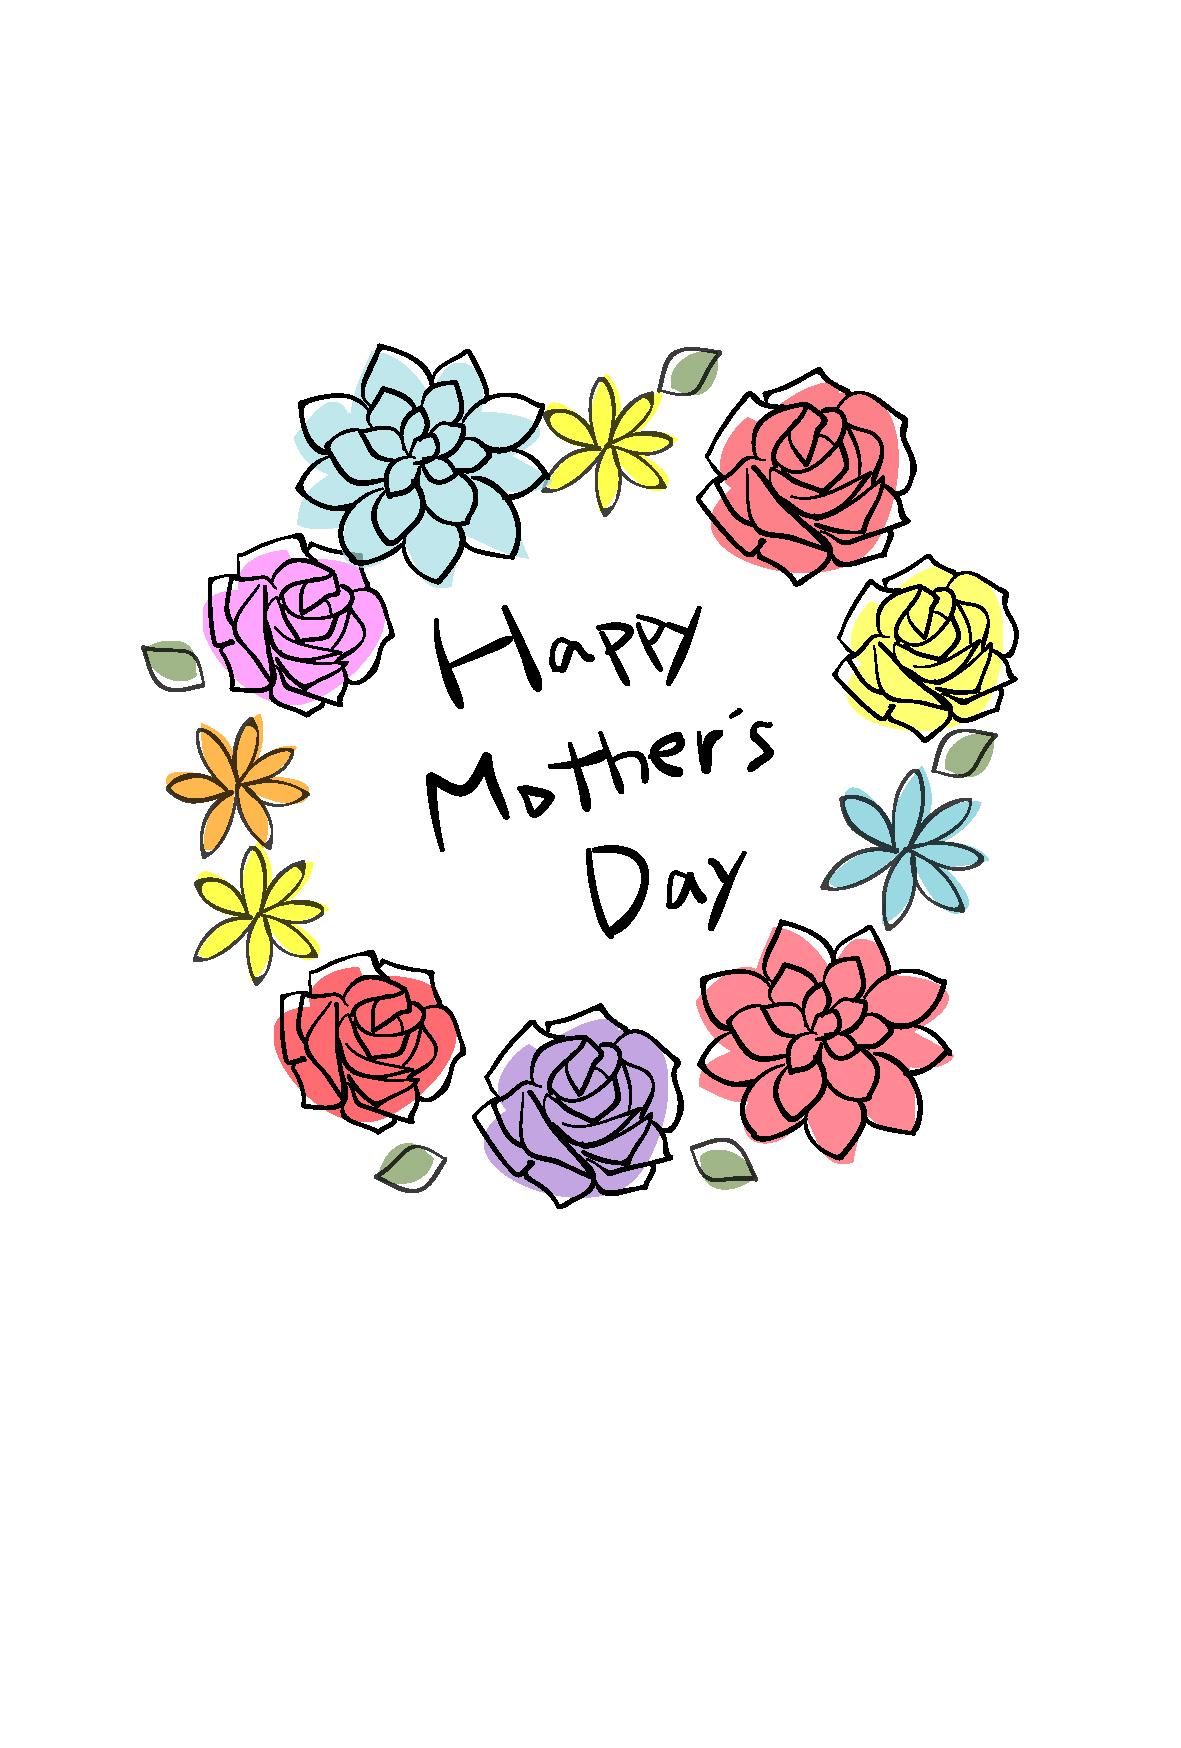 お花のわっか2 : 母の日に送るメッセージカード テンプレート - naver まとめ